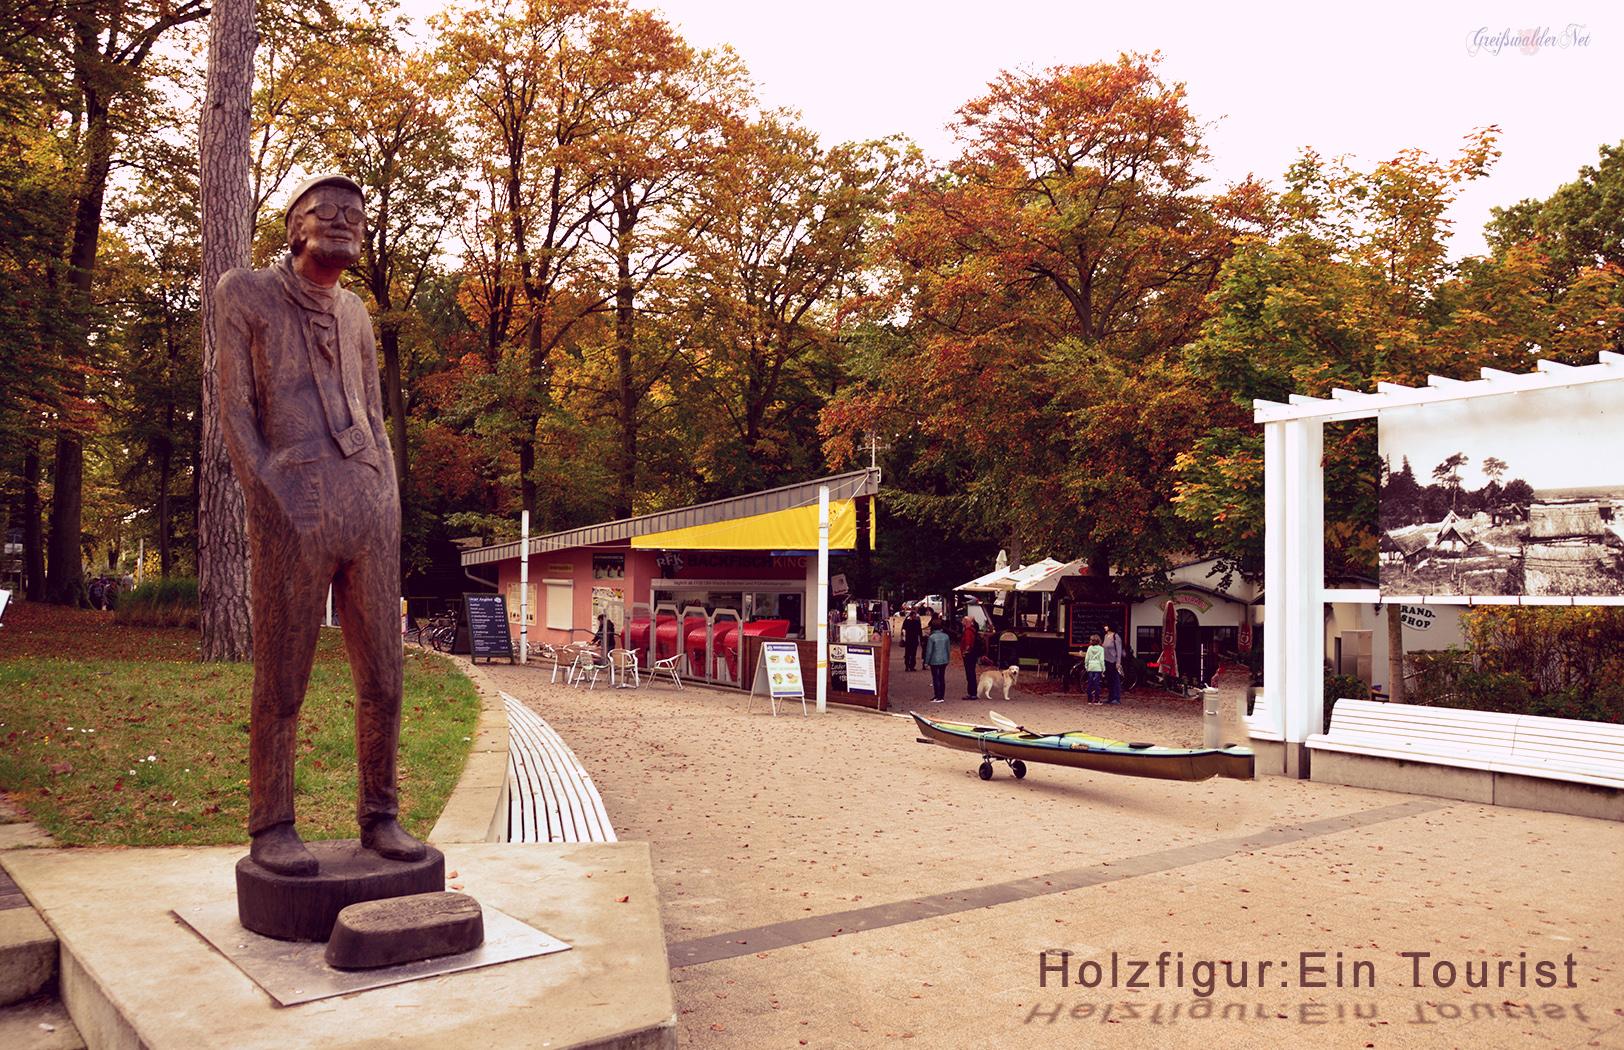 Holzfigur: Ein Tourist - Strandvorplatz Koserow